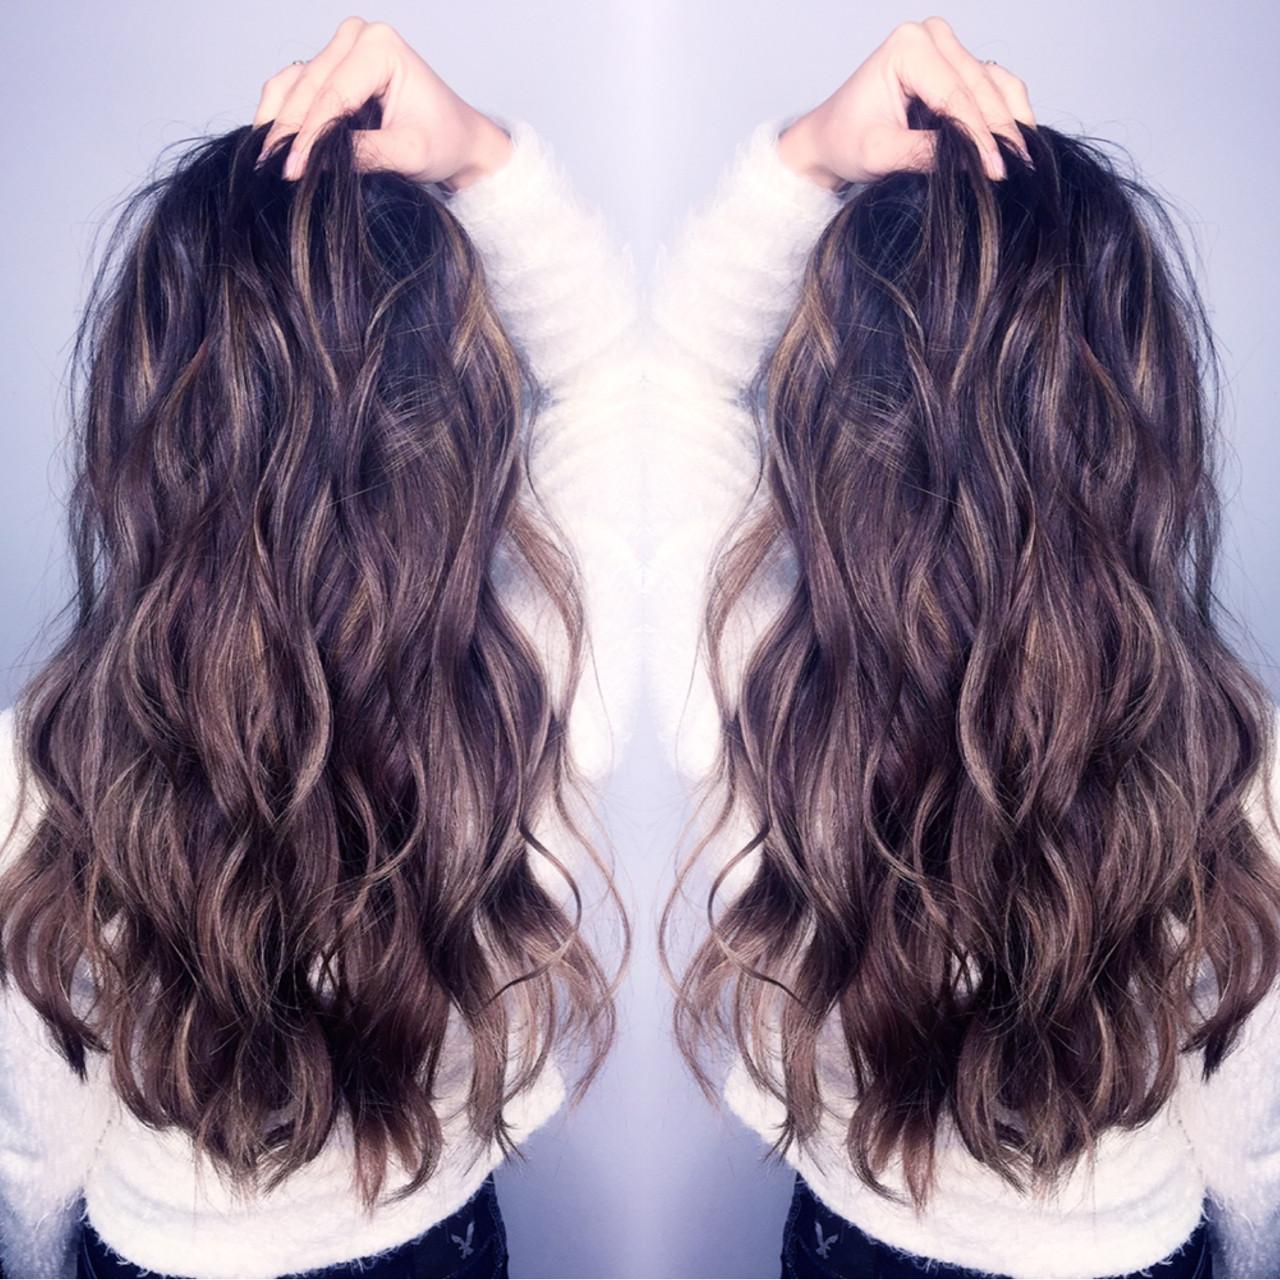 グラデーションカラー コンサバ 外国人風 ハイライト ヘアスタイルや髪型の写真・画像   筒井 隆由 / Hair salon mode